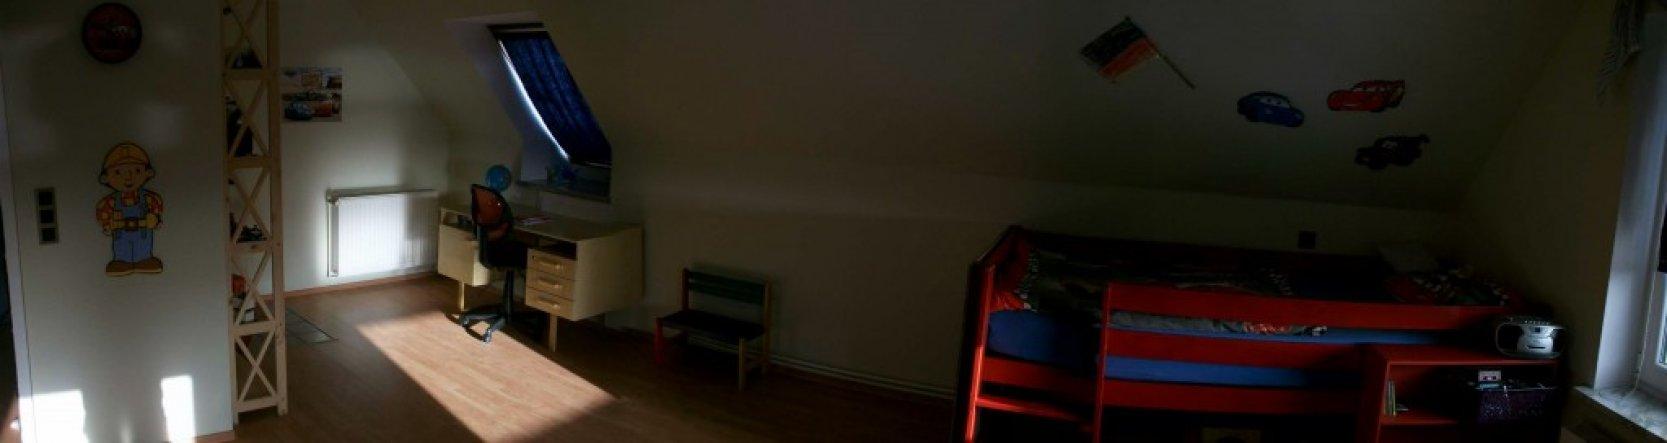 Kinderzimmer 'Philipp-Noels Reich'